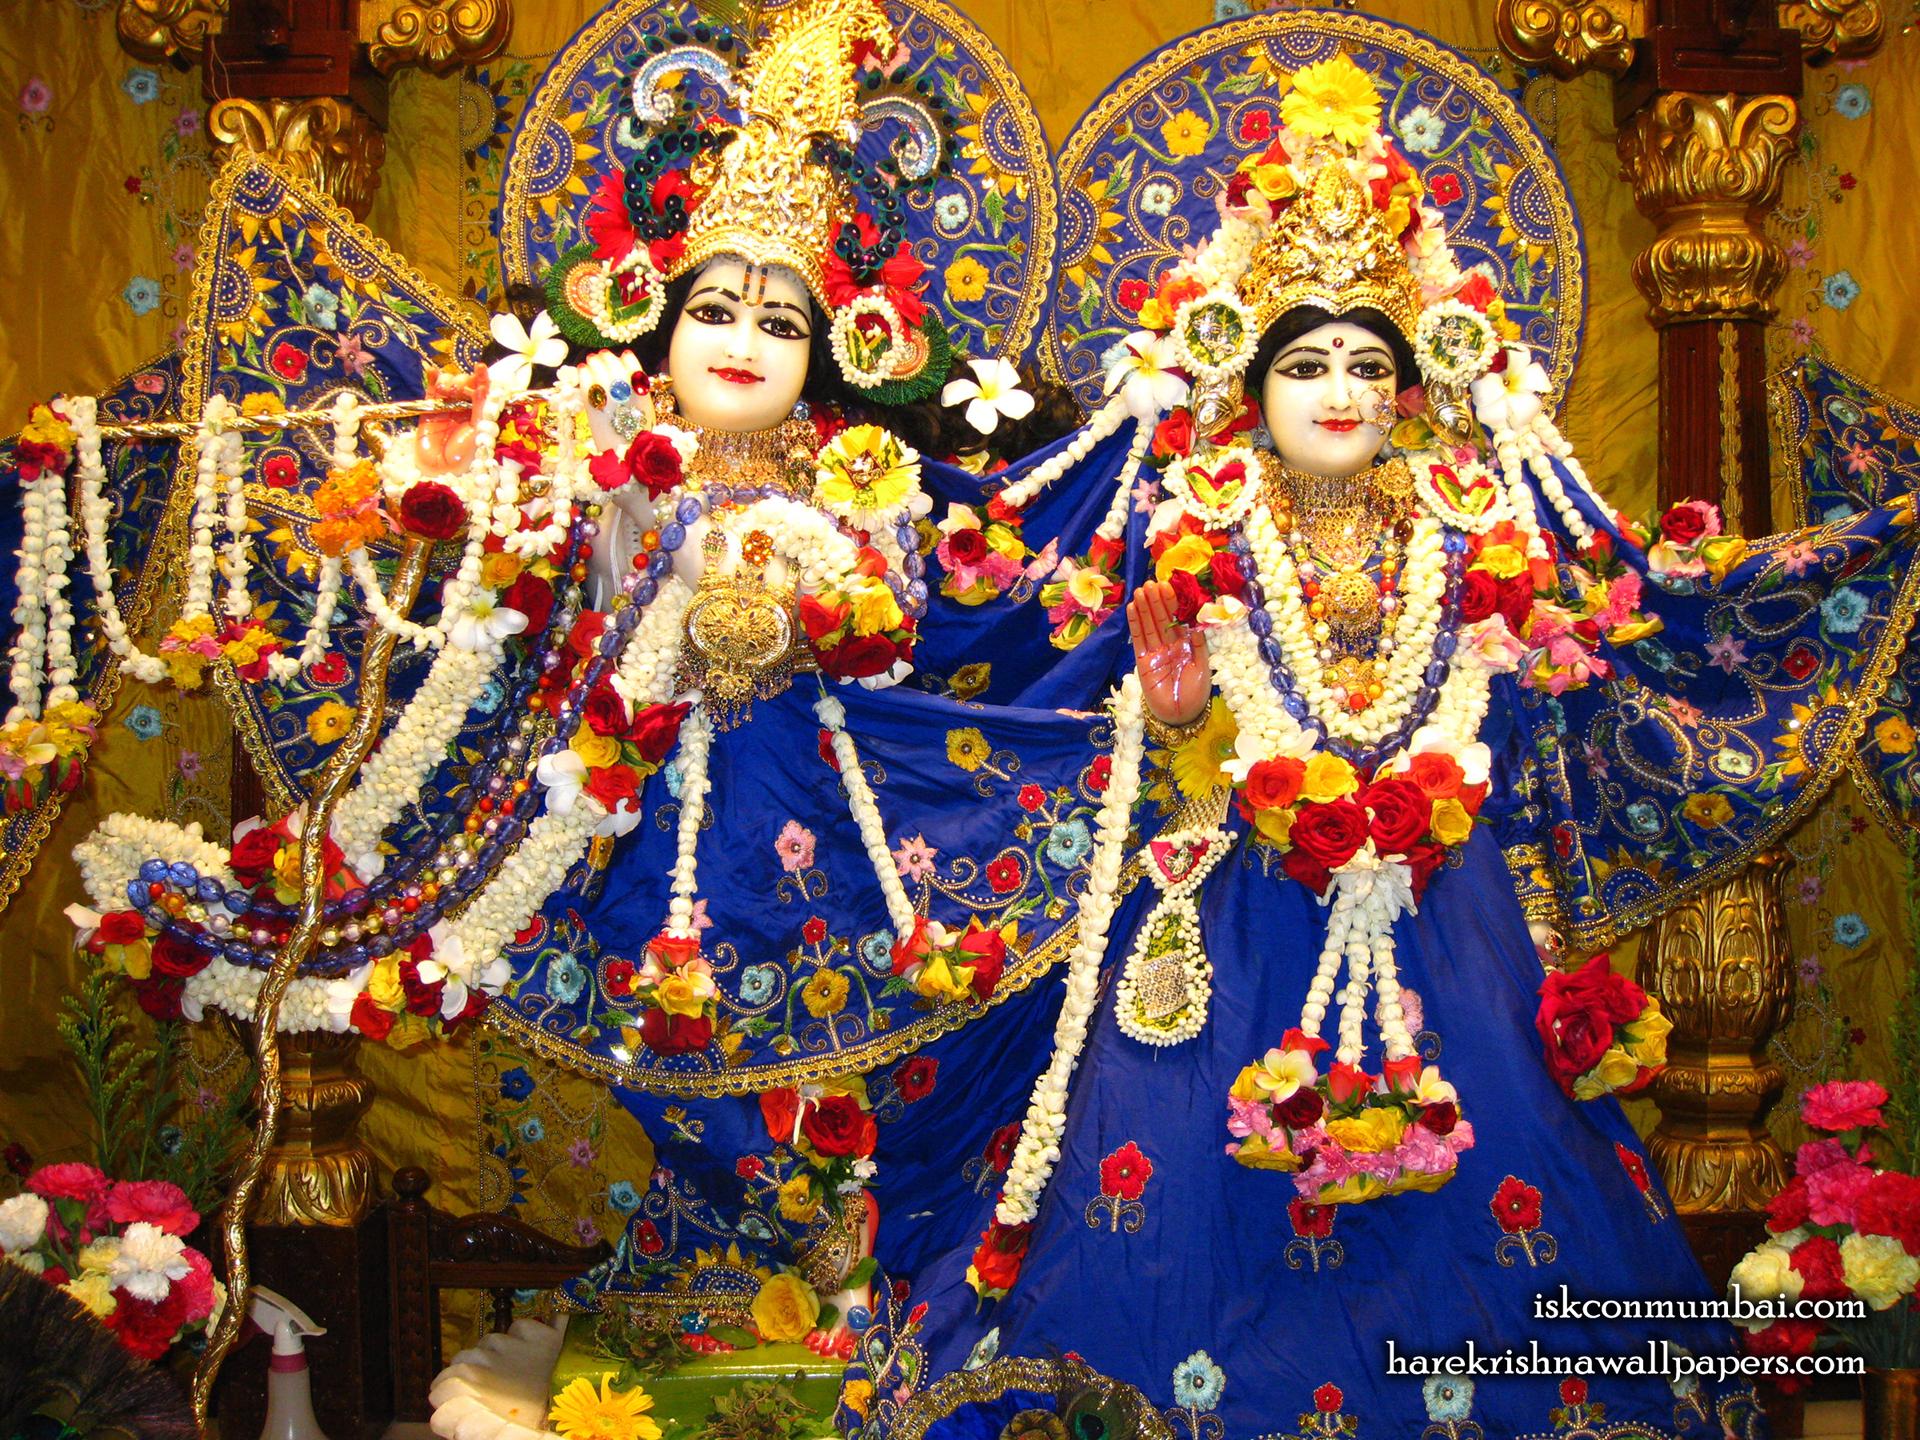 Sri Sri Radha Rasabihari Wallpaper (010) Size 1920x1440 Download